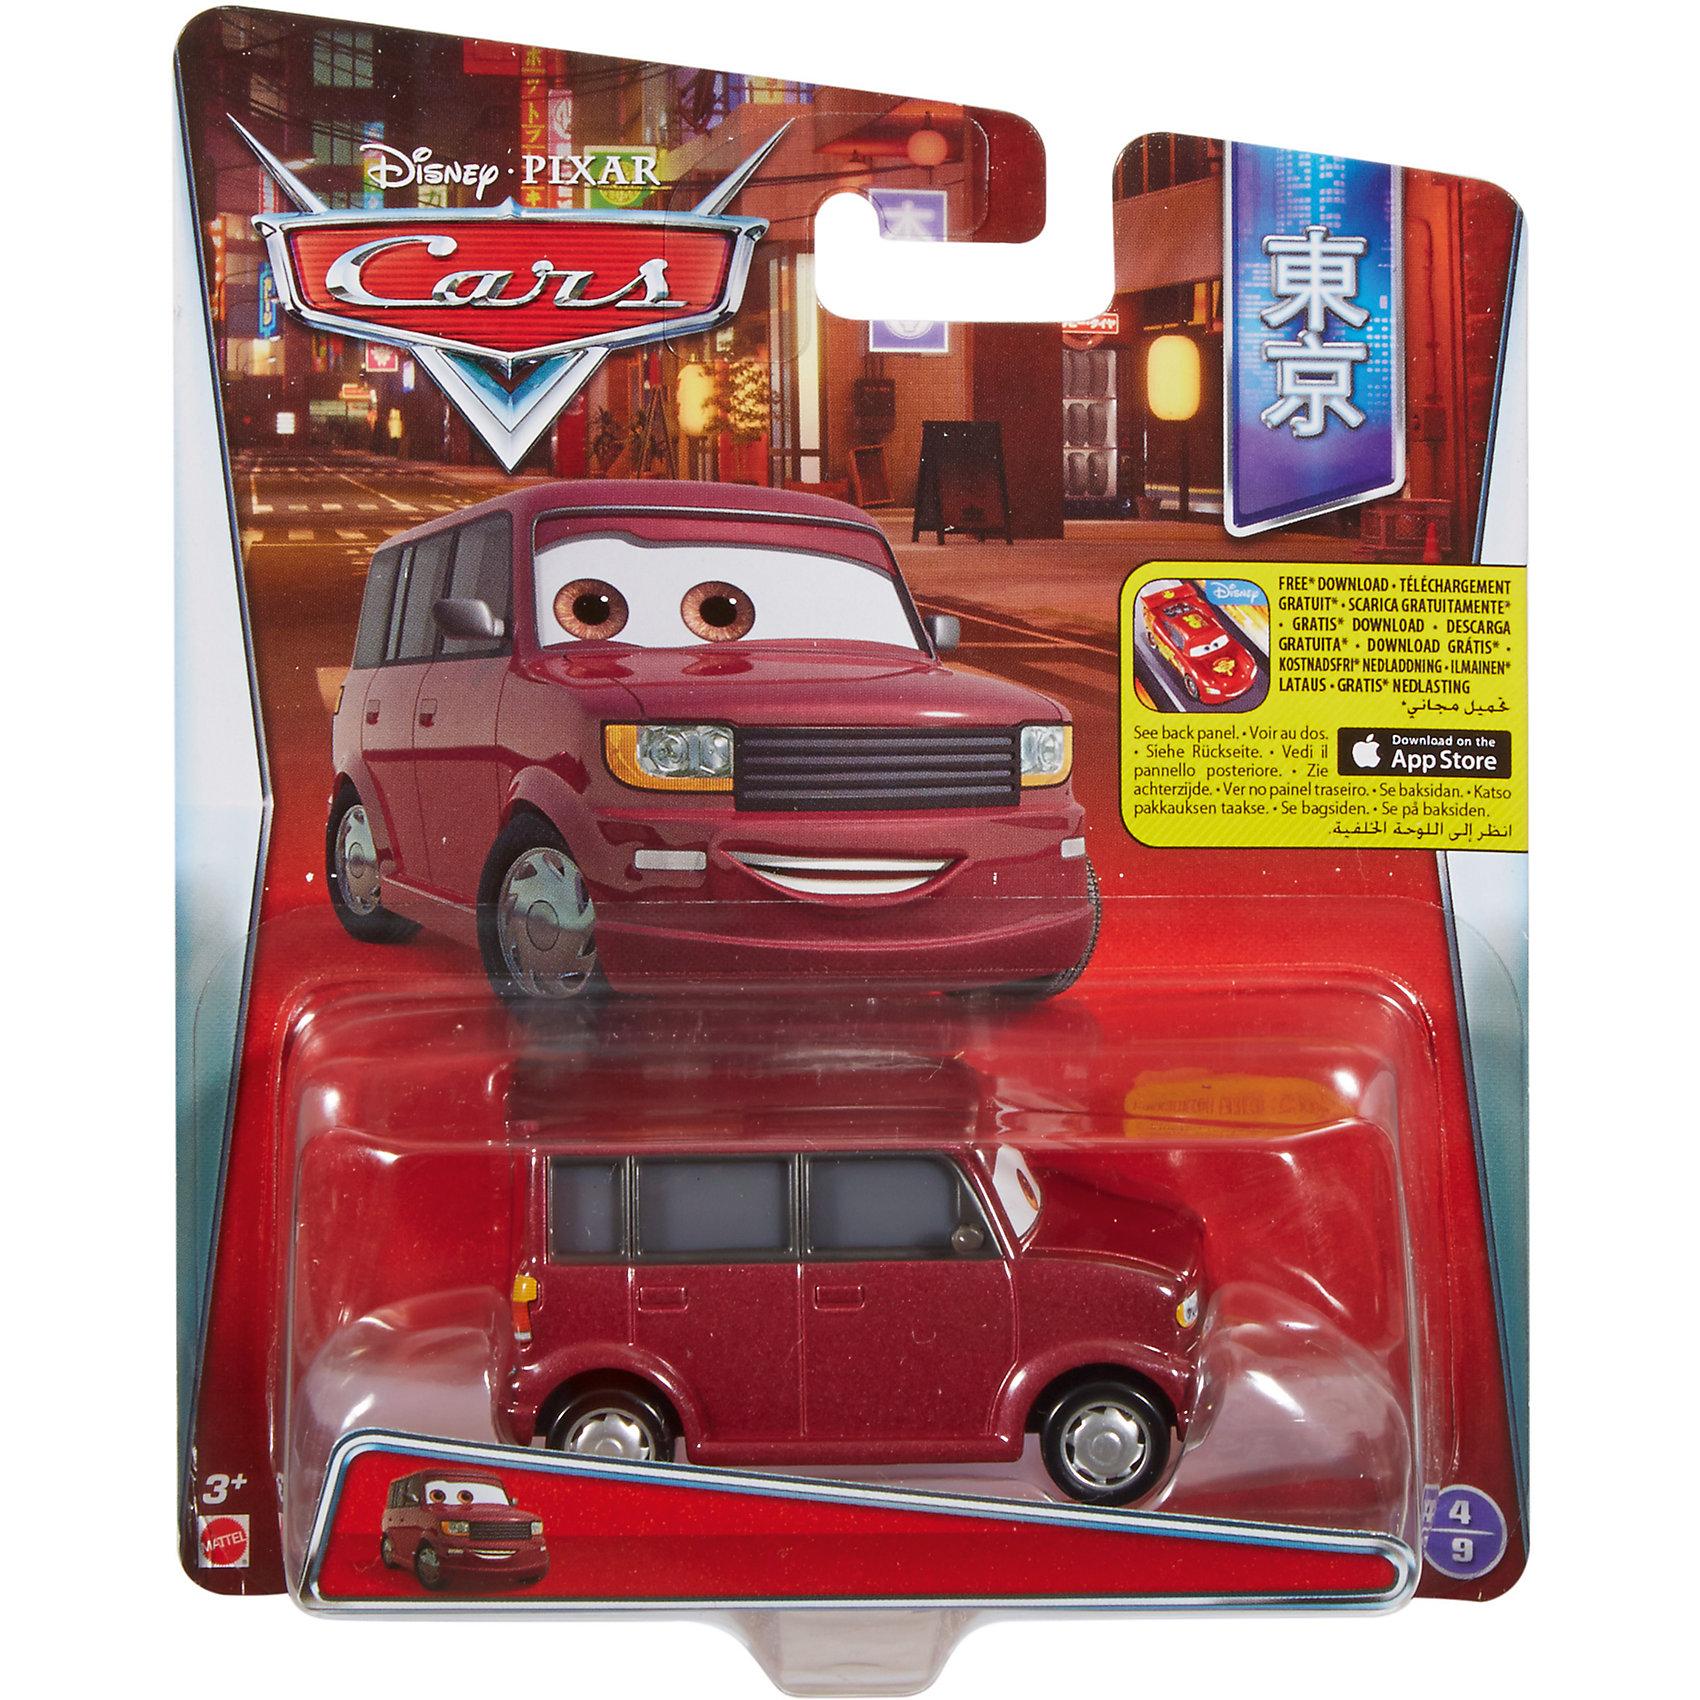 Литая машинка, Тачки-2Литая машинка Делюкс от компании «Mattel» выполнена в виде главного персонажа мультфильма «Тачки 2». Изготовленная из металла в масштабе 1:55 игрушка отличается высокой степенью детализации и качеством исполнения. Завладев несколькими моделями, малыш сможет окунуться в любимый мультипликационный мир, устроить красочные показательные выступления среди машинок-киногероев.<br><br>Дополнительная информация:<br><br>- Материал: металл<br>- В упаковке: 1 шт.<br>- Размер машинки: 8 см.<br><br>Литую машинку, Тачки-2 можно купить в нашем магазине.<br><br>Ширина мм: 135<br>Глубина мм: 45<br>Высота мм: 160<br>Вес г: 80<br>Возраст от месяцев: 36<br>Возраст до месяцев: 72<br>Пол: Мужской<br>Возраст: Детский<br>SKU: 5015792